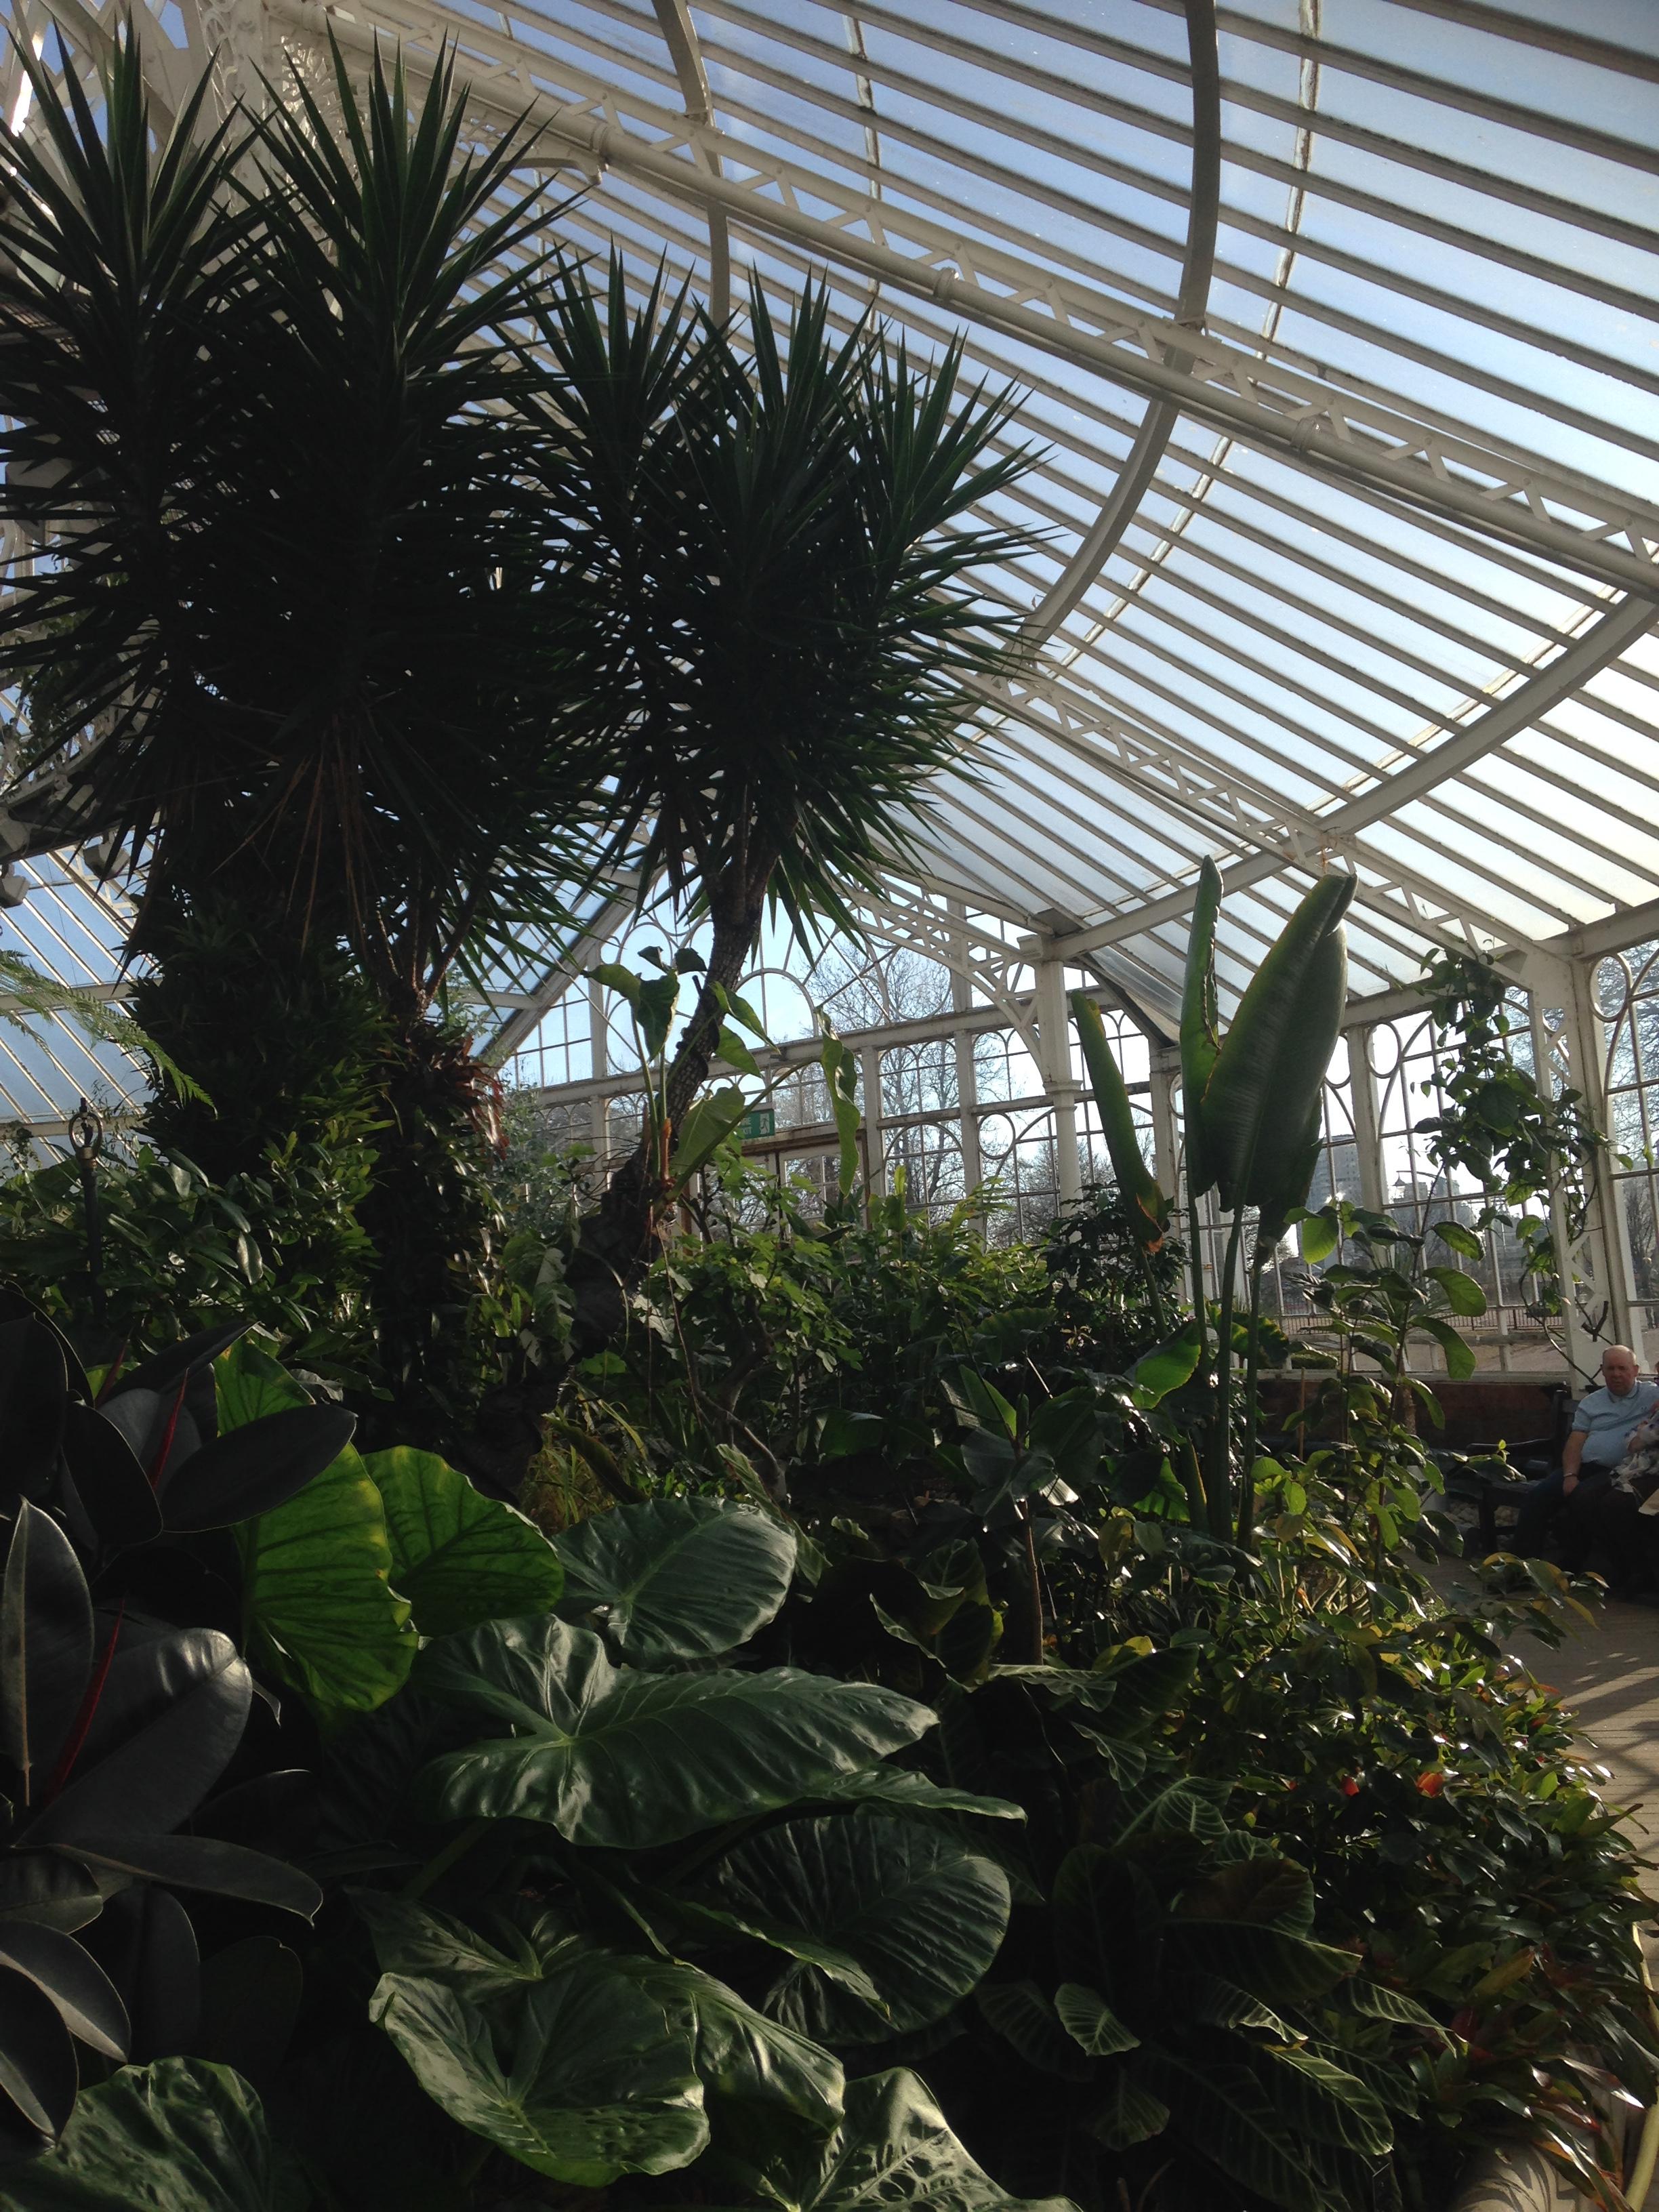 Winter Gardens Glasgow Green